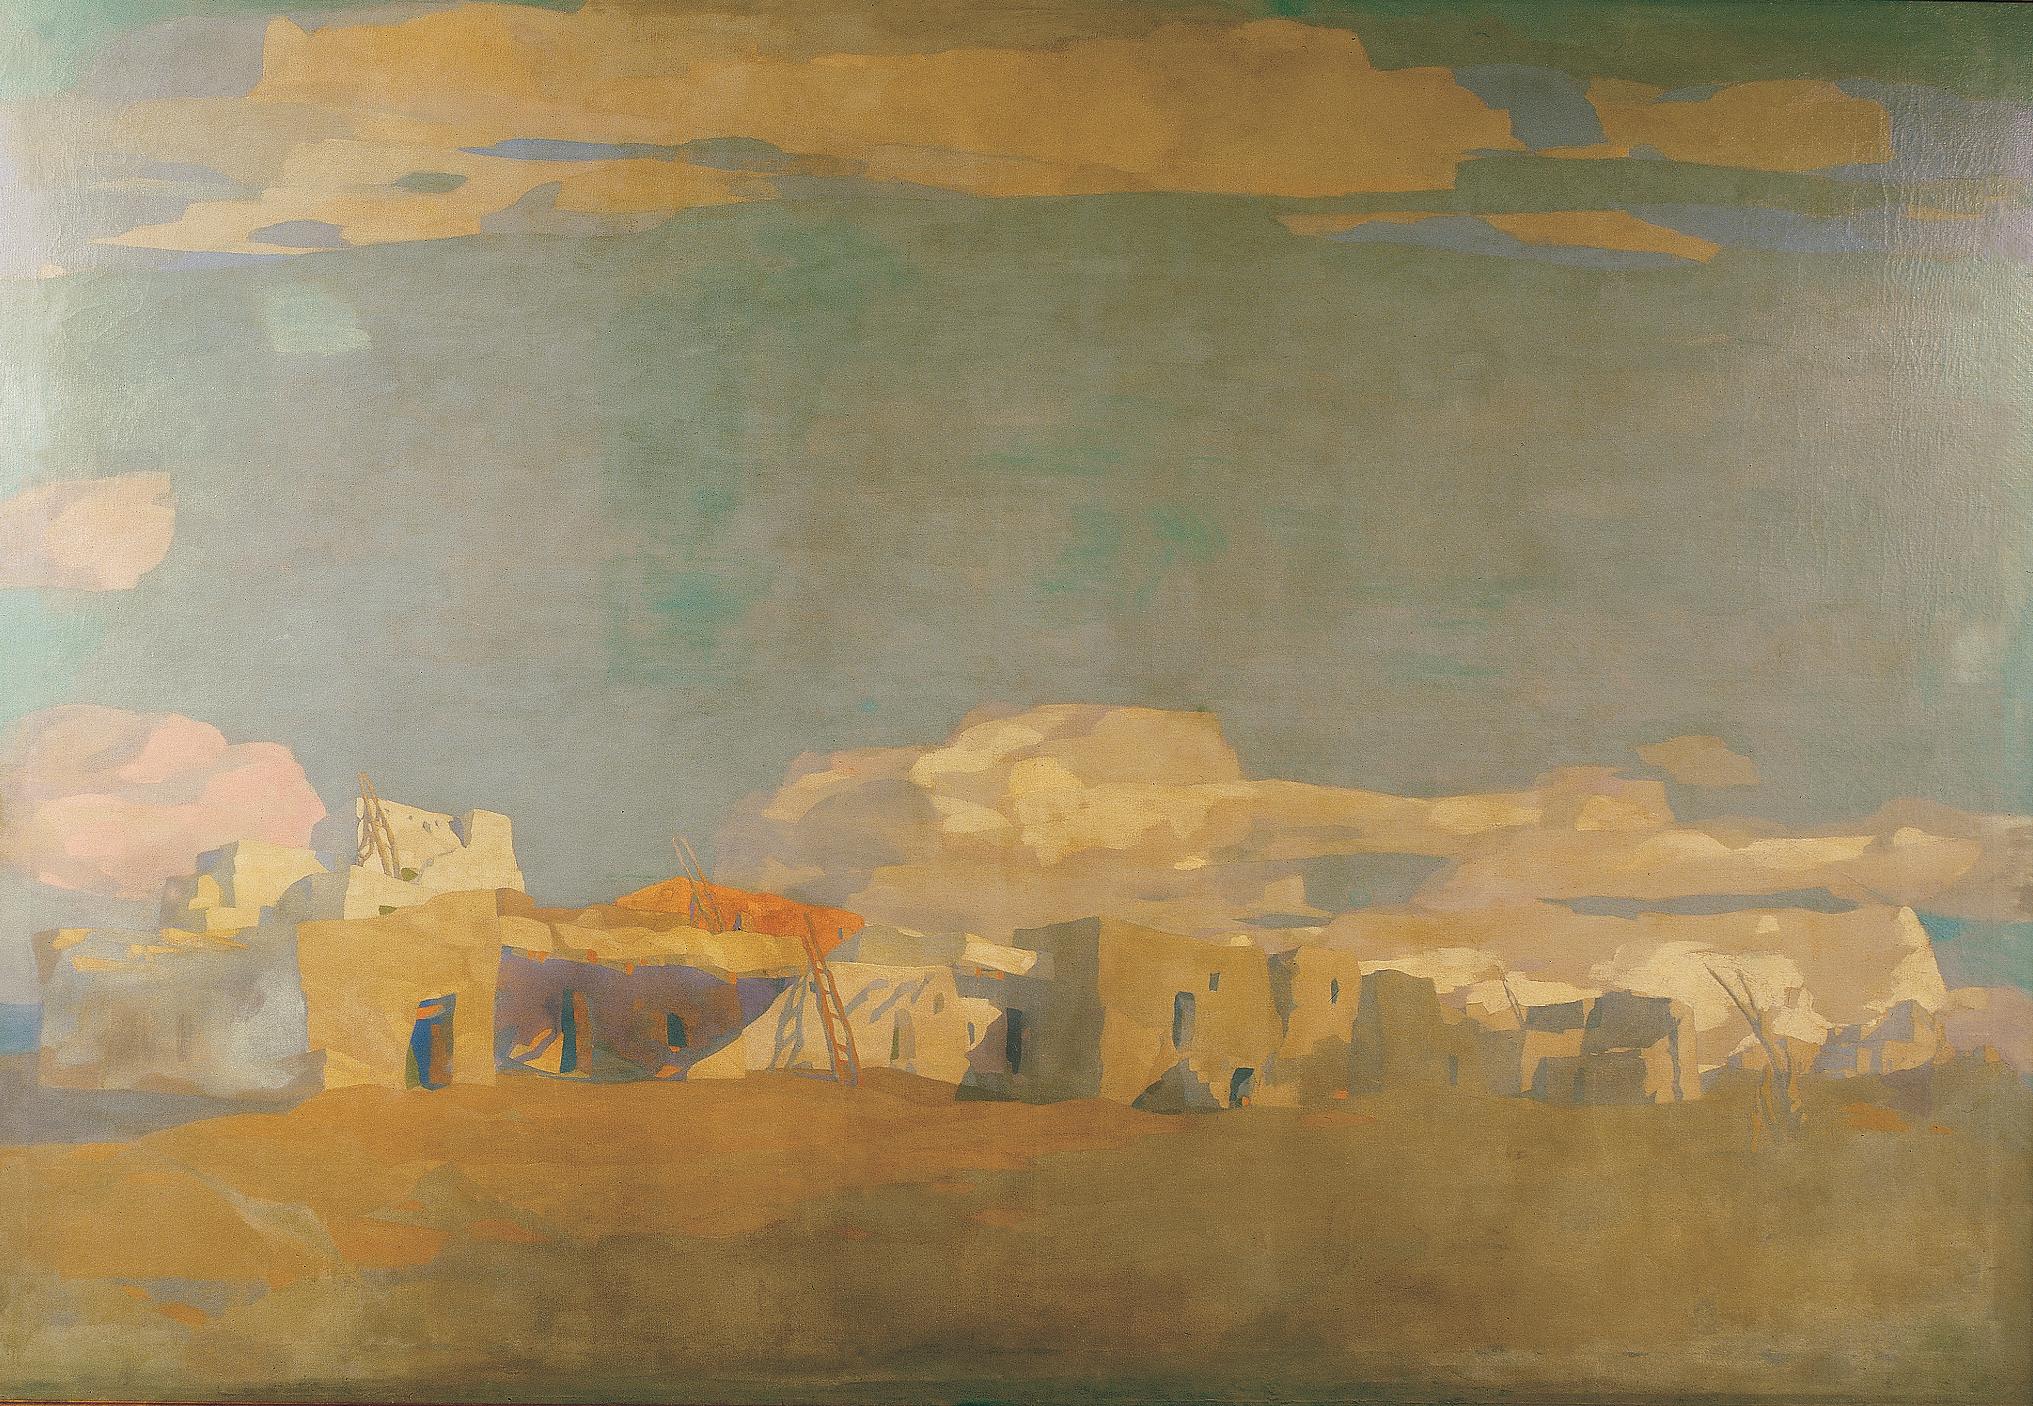 Pueblo painting by McComas